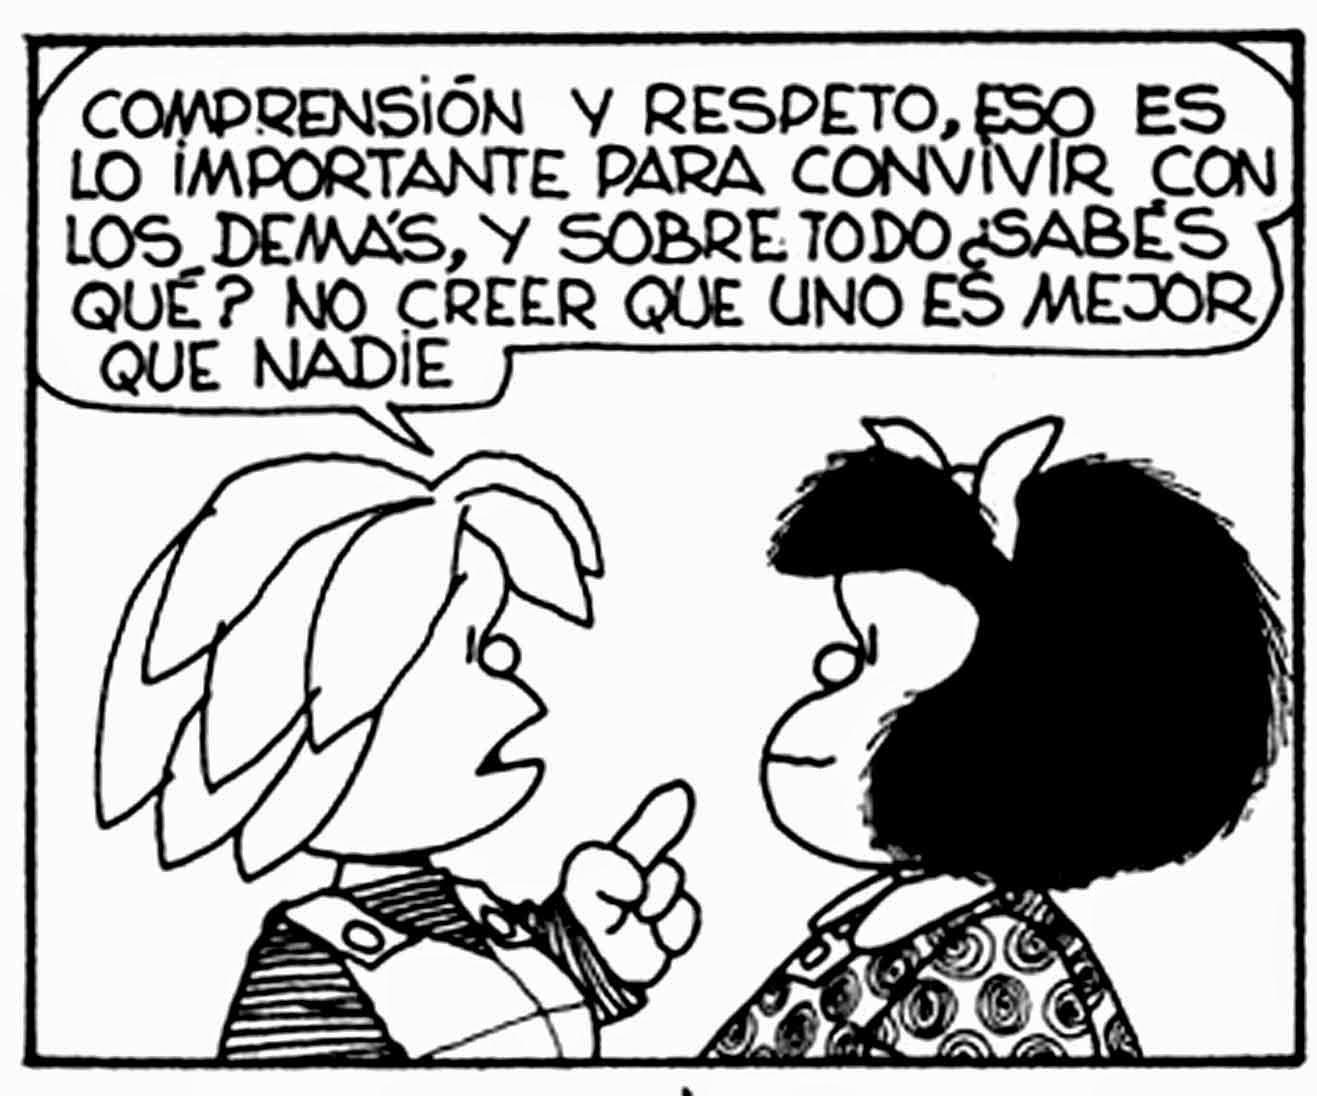 COMPRENSIÓN Y RESPETO PARA CONVIVIR